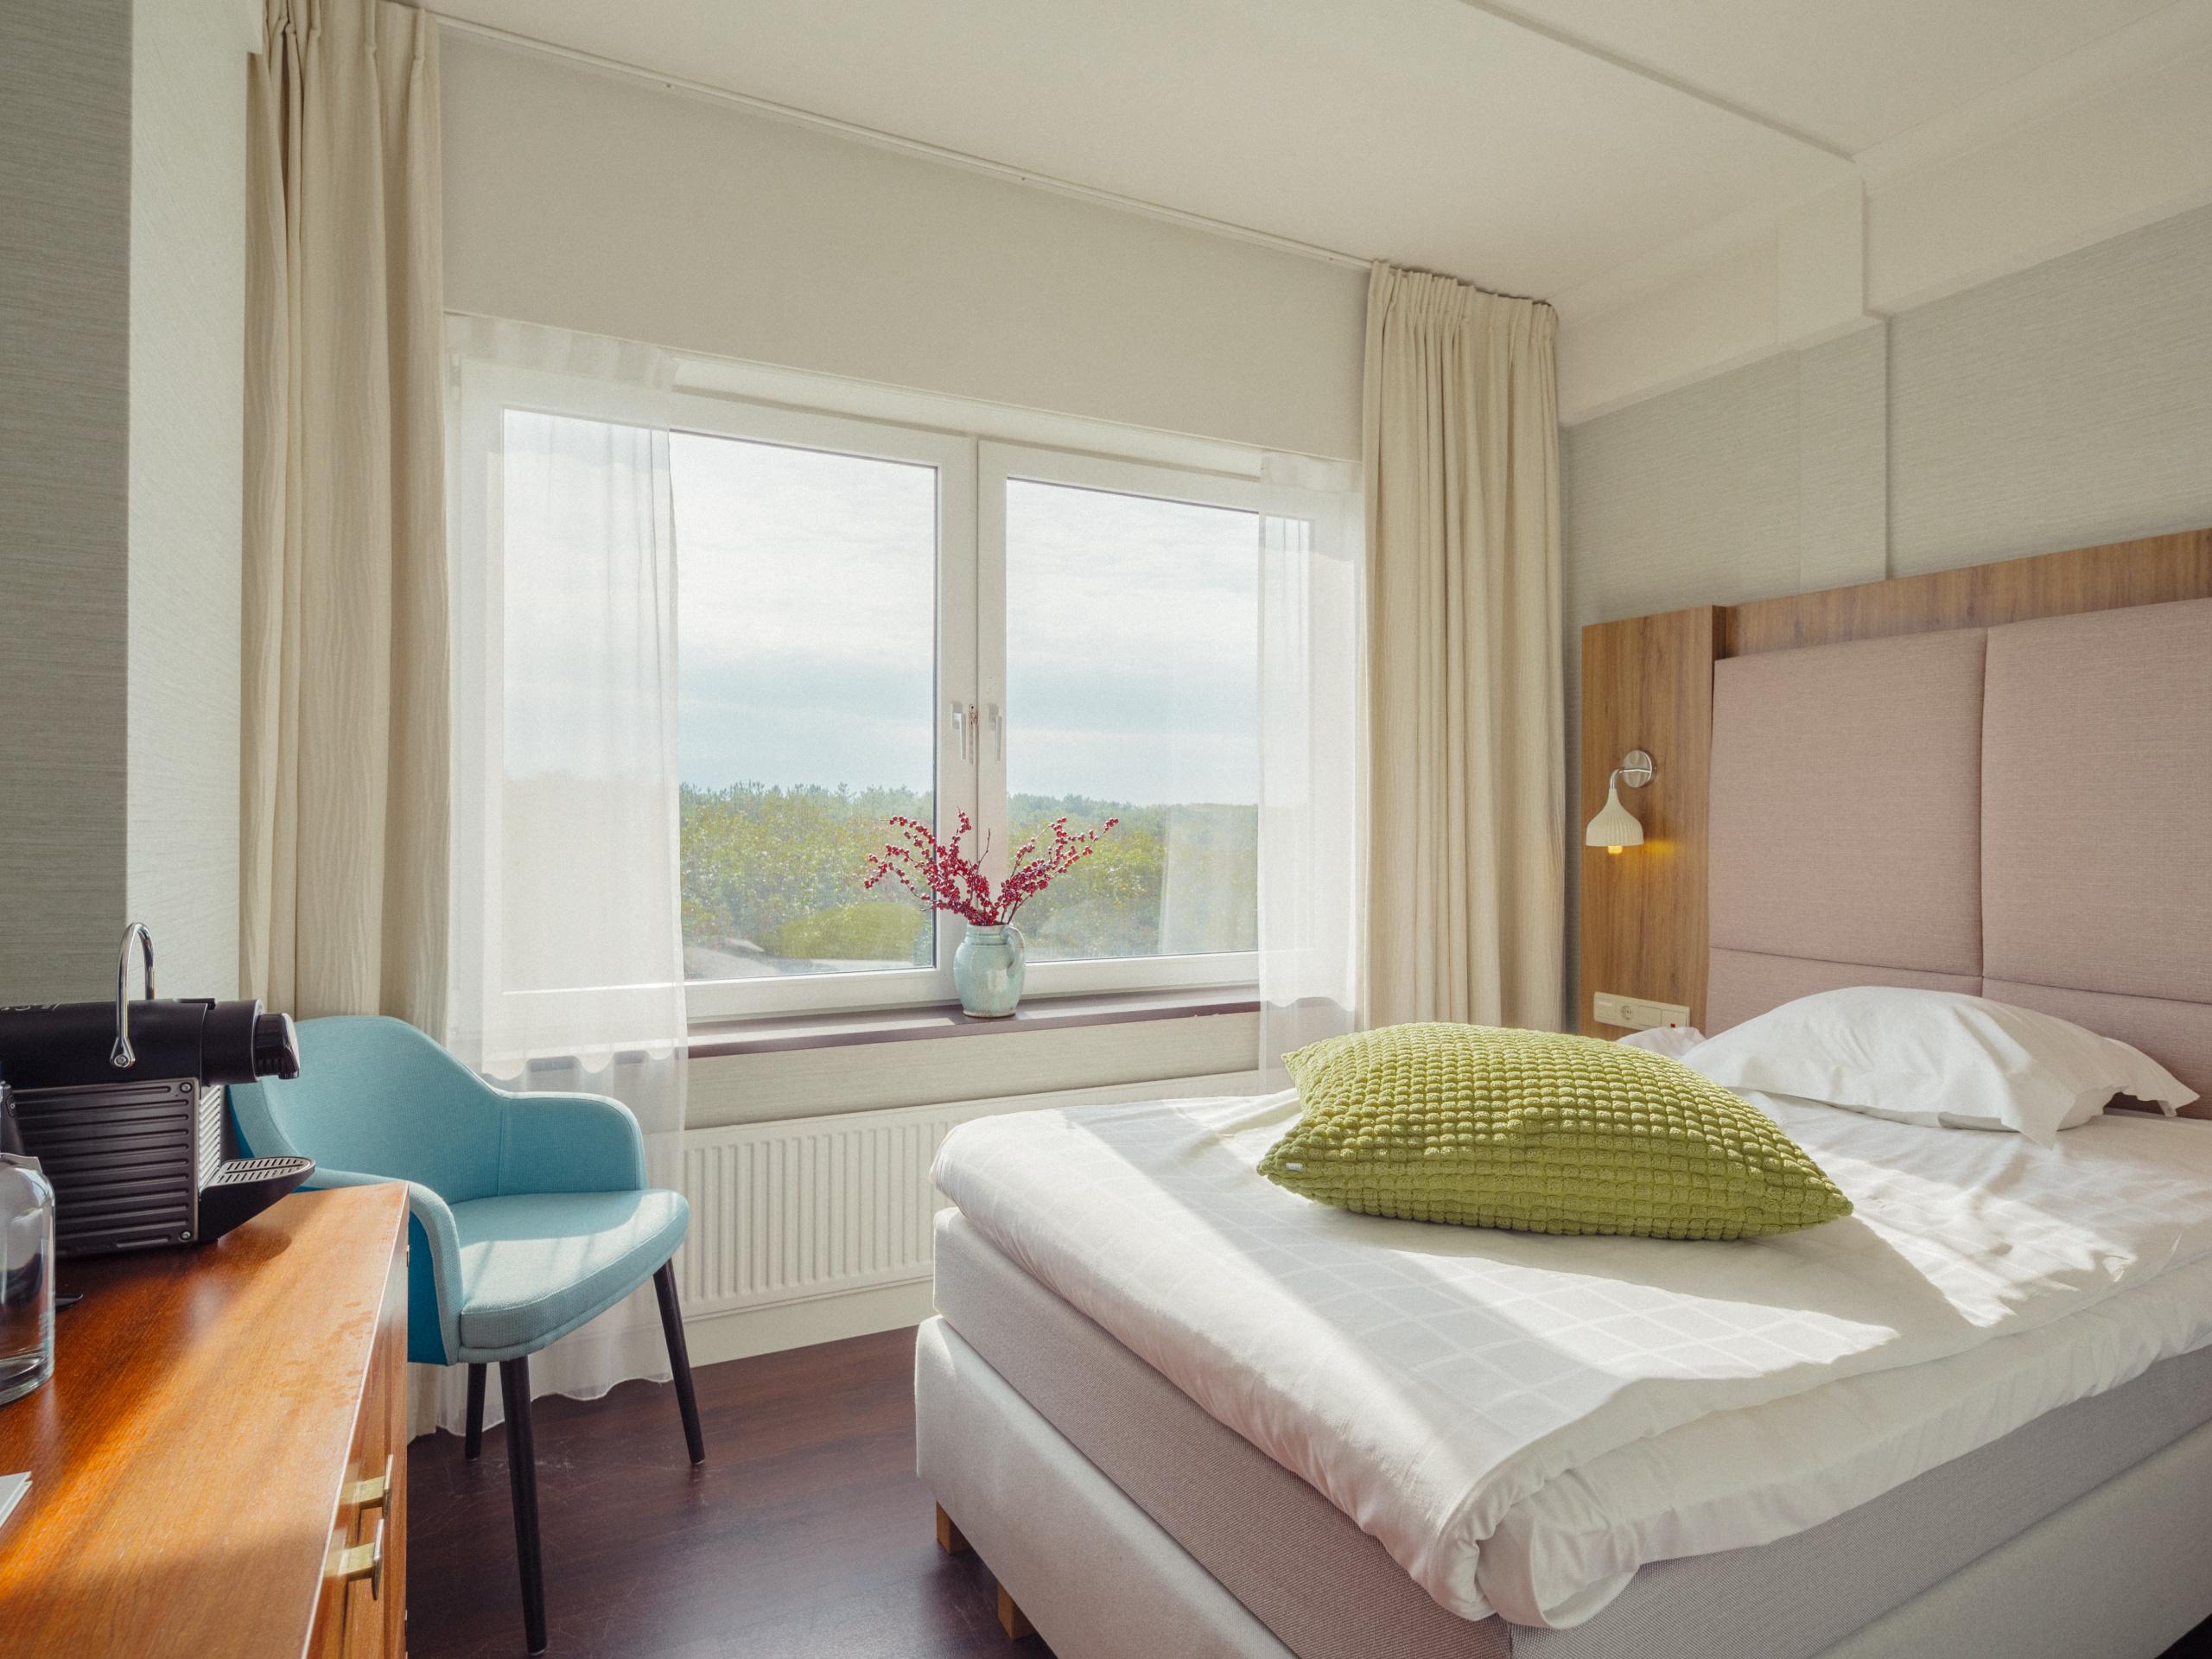 Kleines Zimmer für einen kurzen Aufenthalt in De Koog